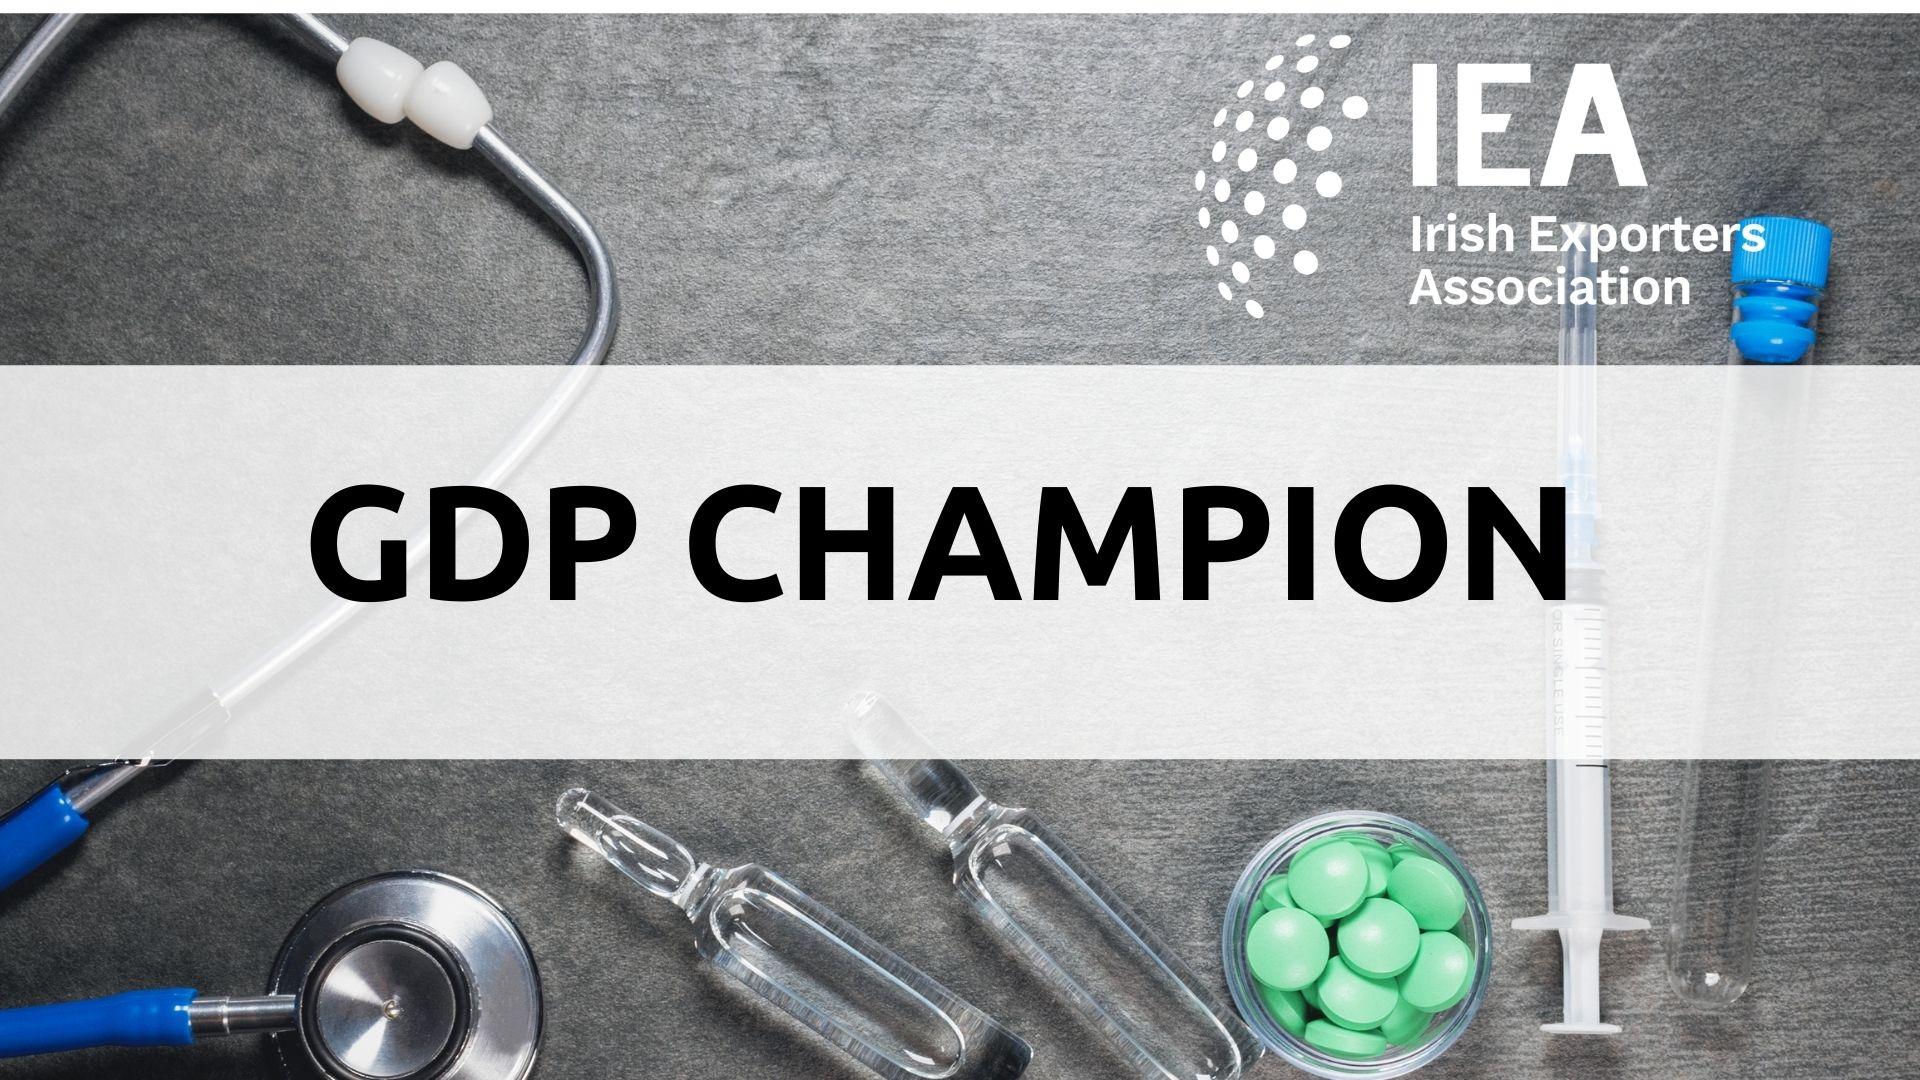 GDP Champion